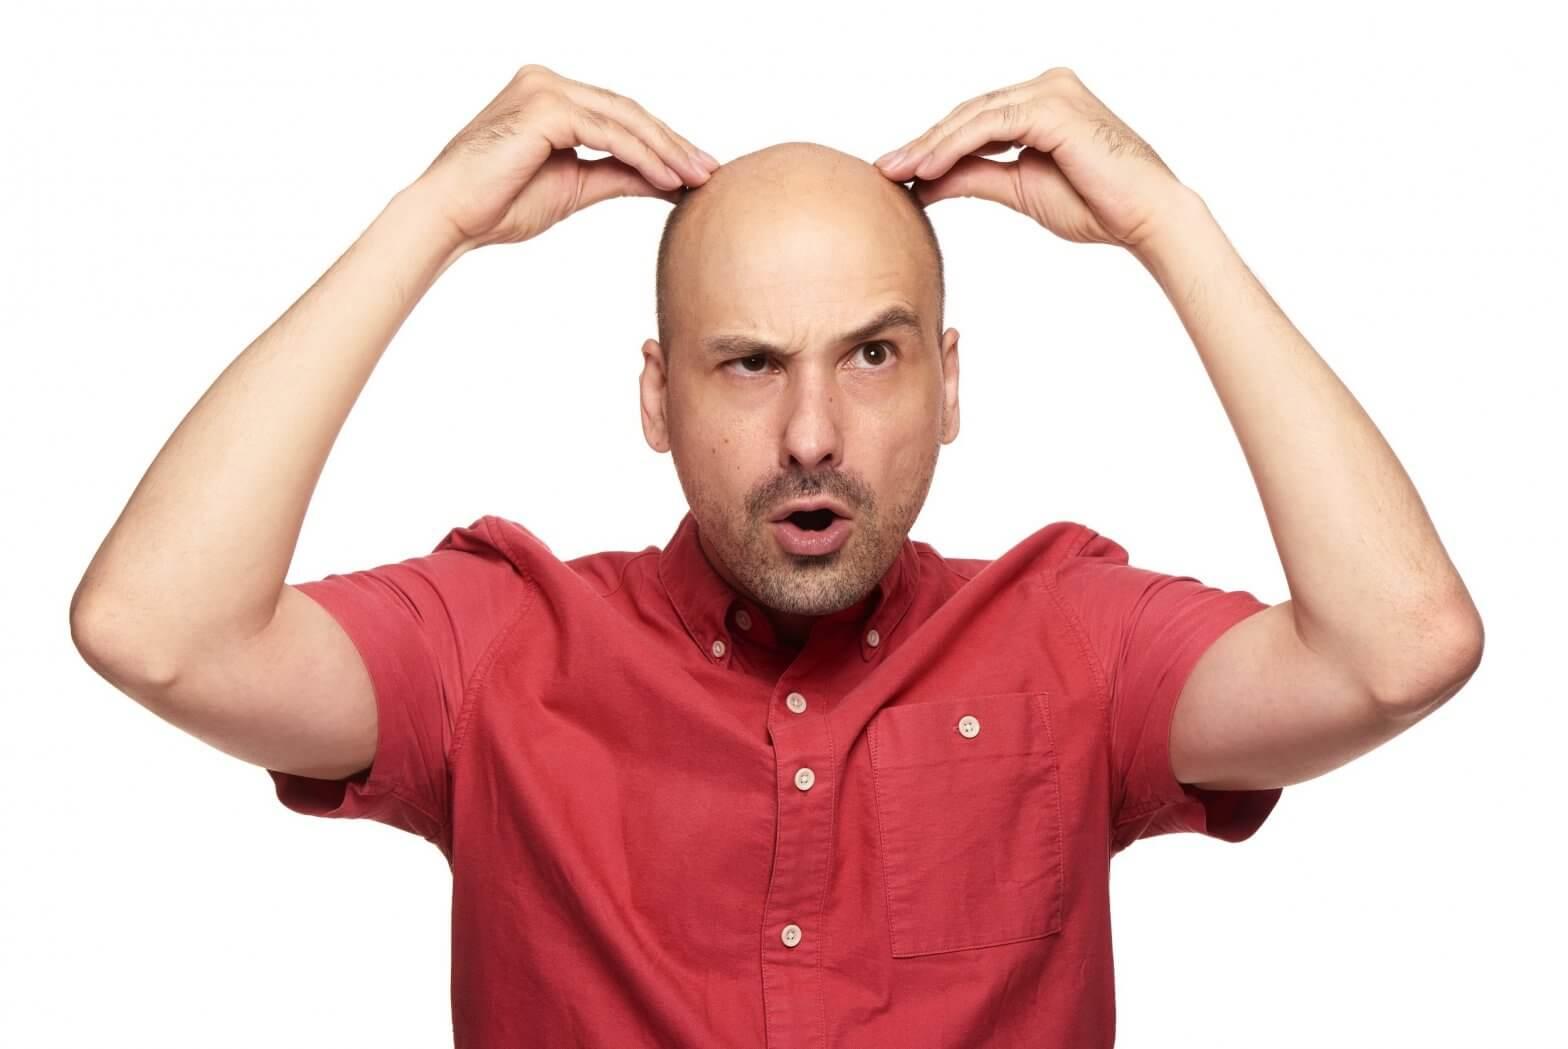 禿頭怎麼辦?快速了解禿頭前兆、原因、治療方式!